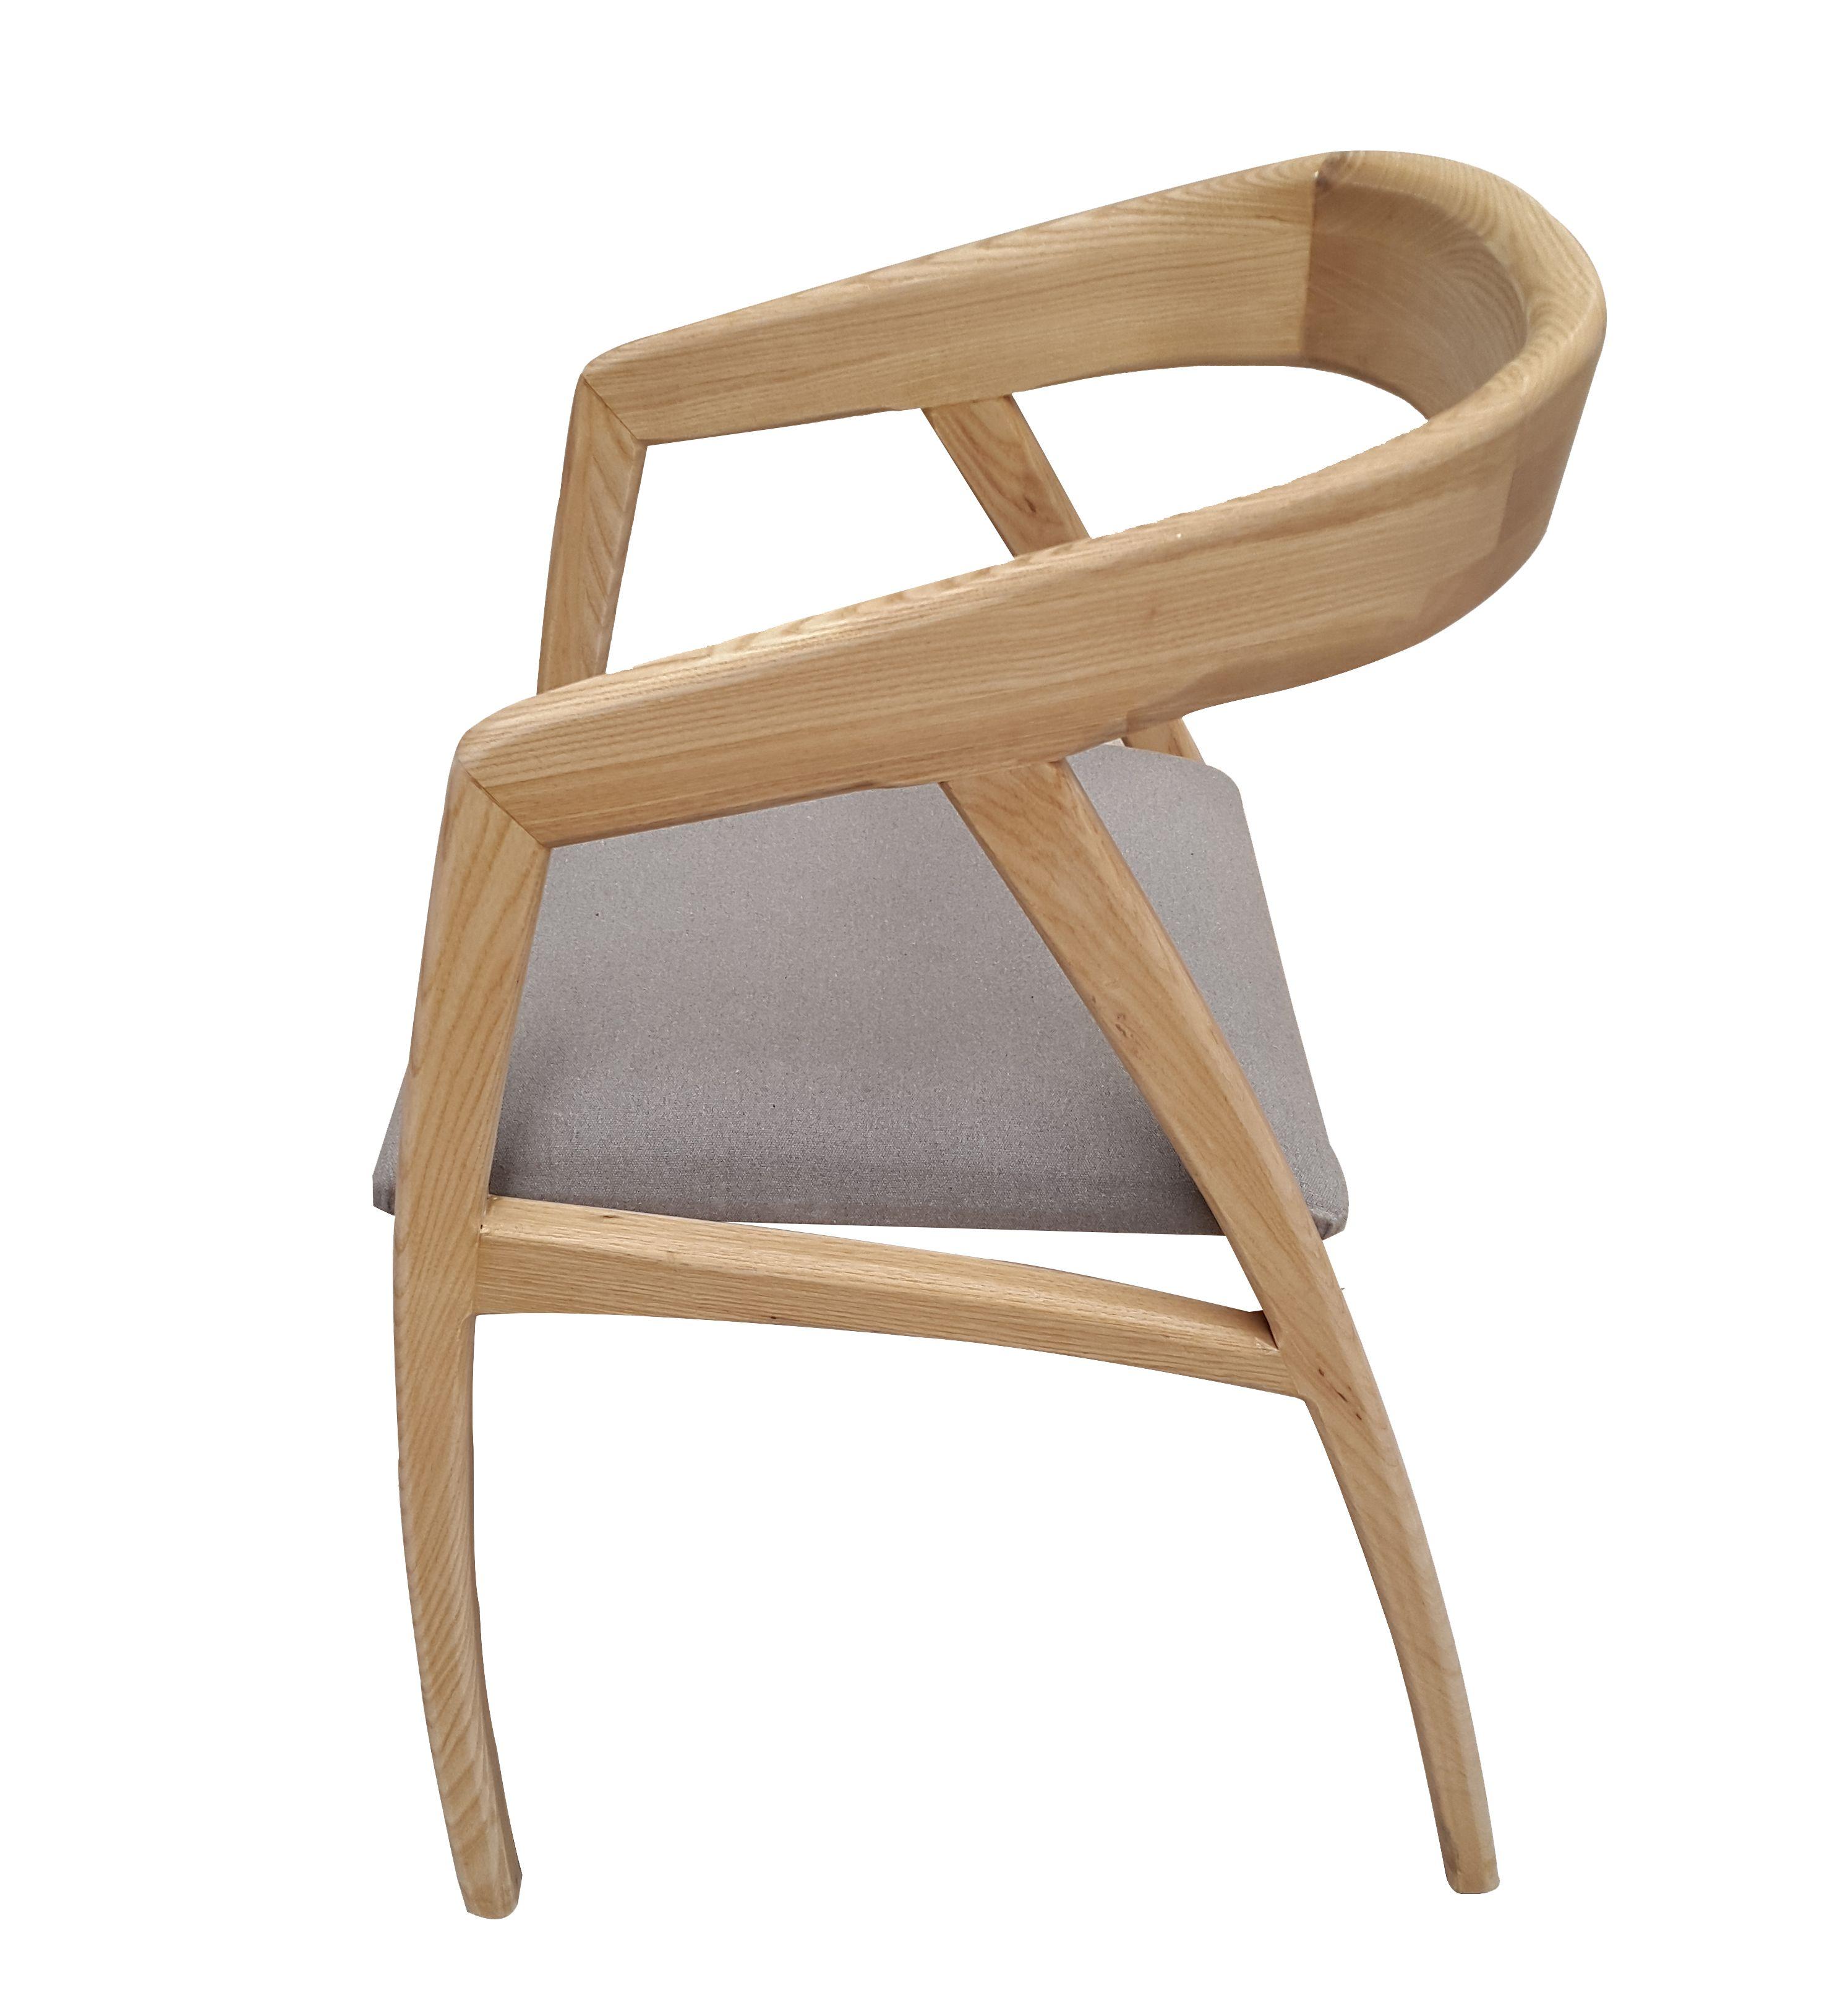 Silla curvas Silla de madera de fresno tapizada en tela gris